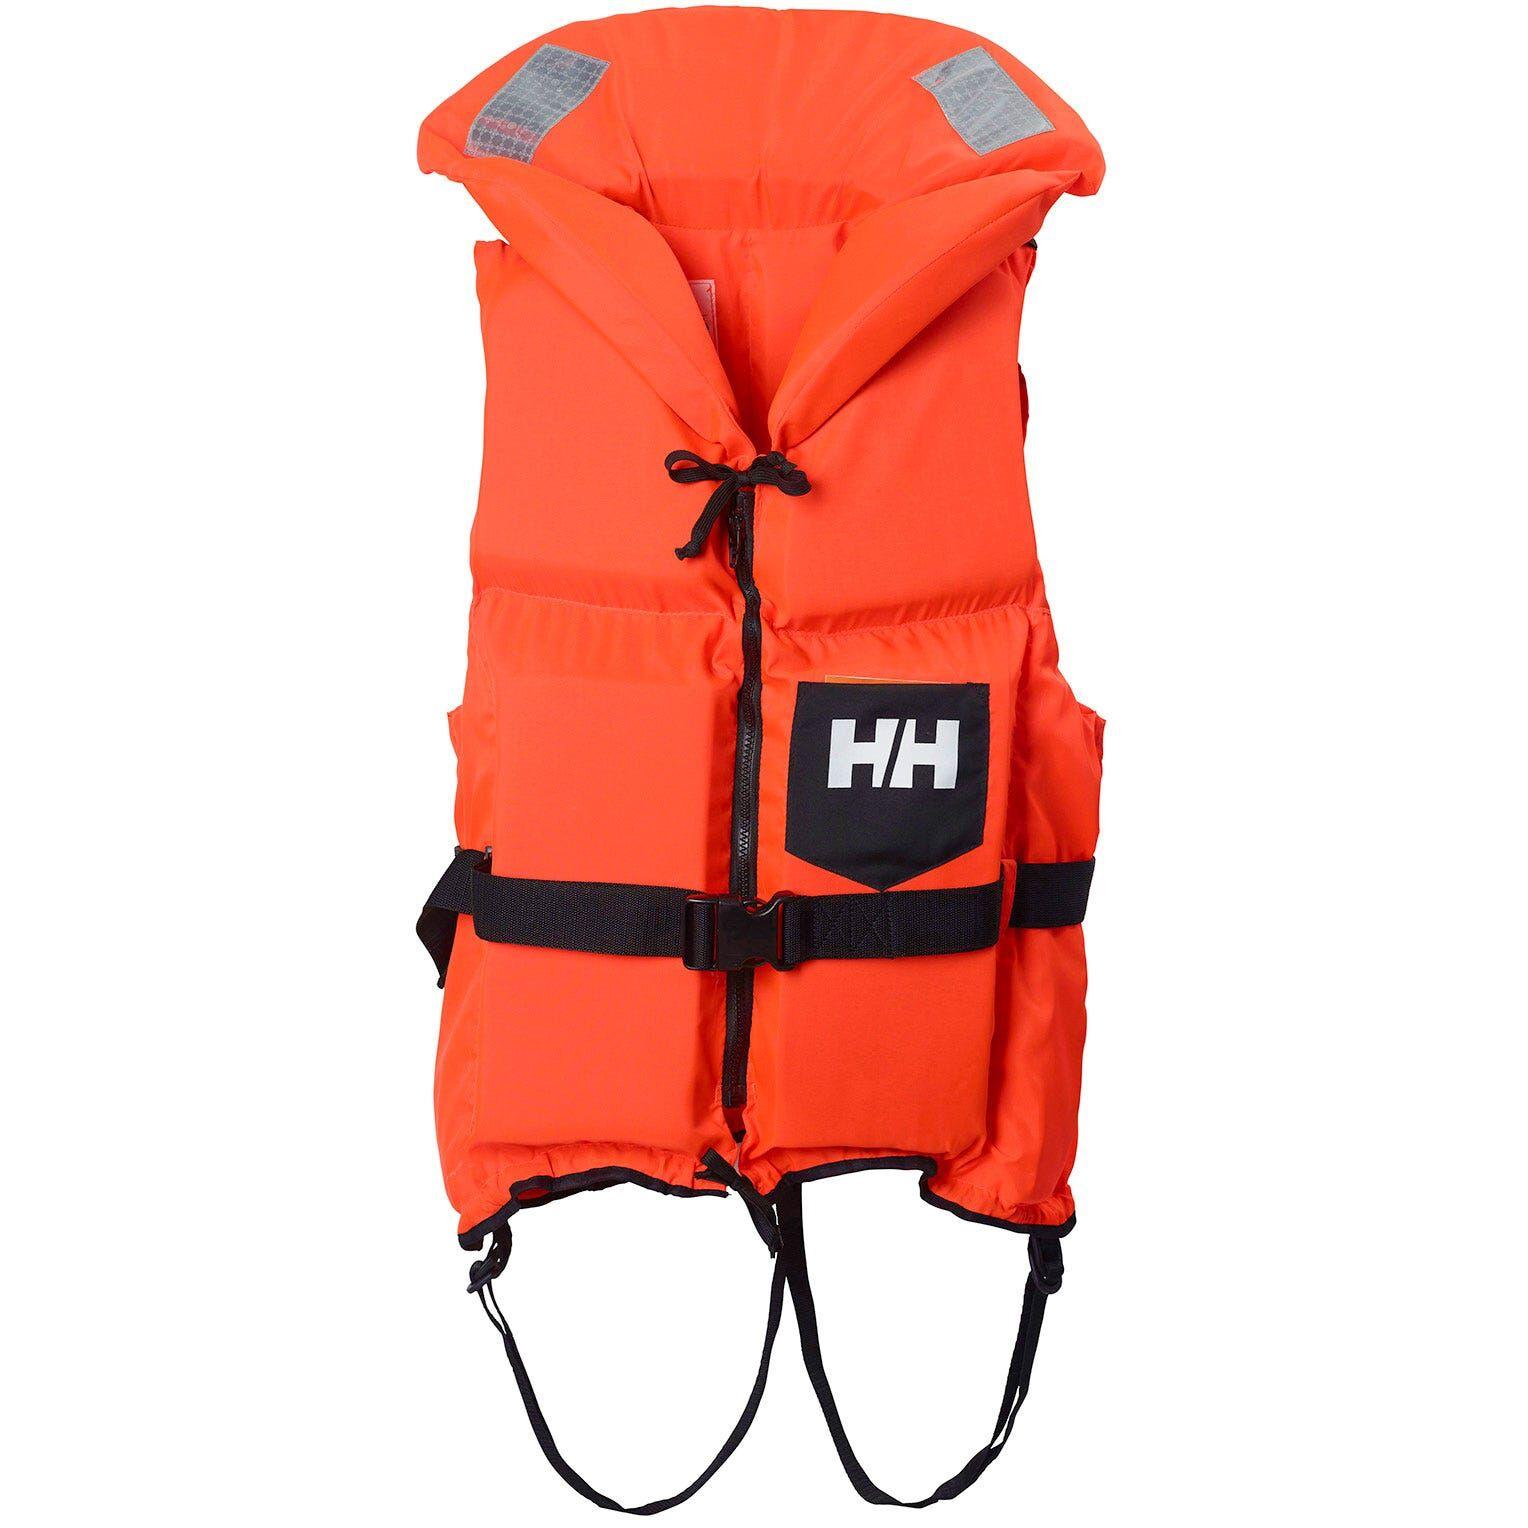 Helly Hansen Navigare Comfort oransje 90KG+